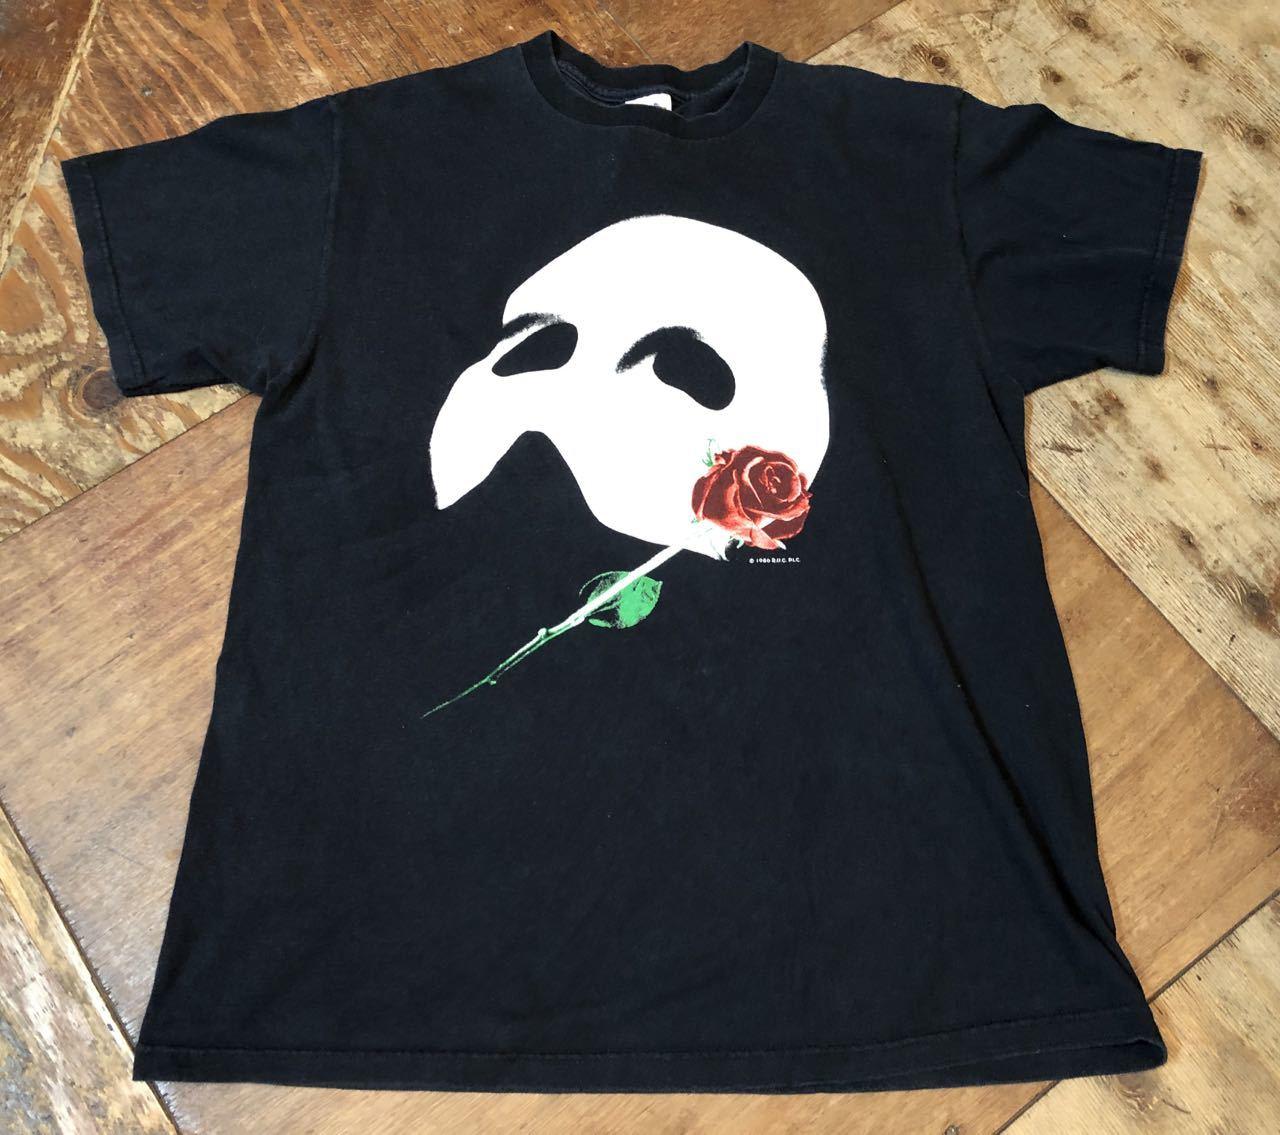 8月10日(土)入荷! USED オペラ座の怪人 Tシャツ _c0144020_16313291.jpg